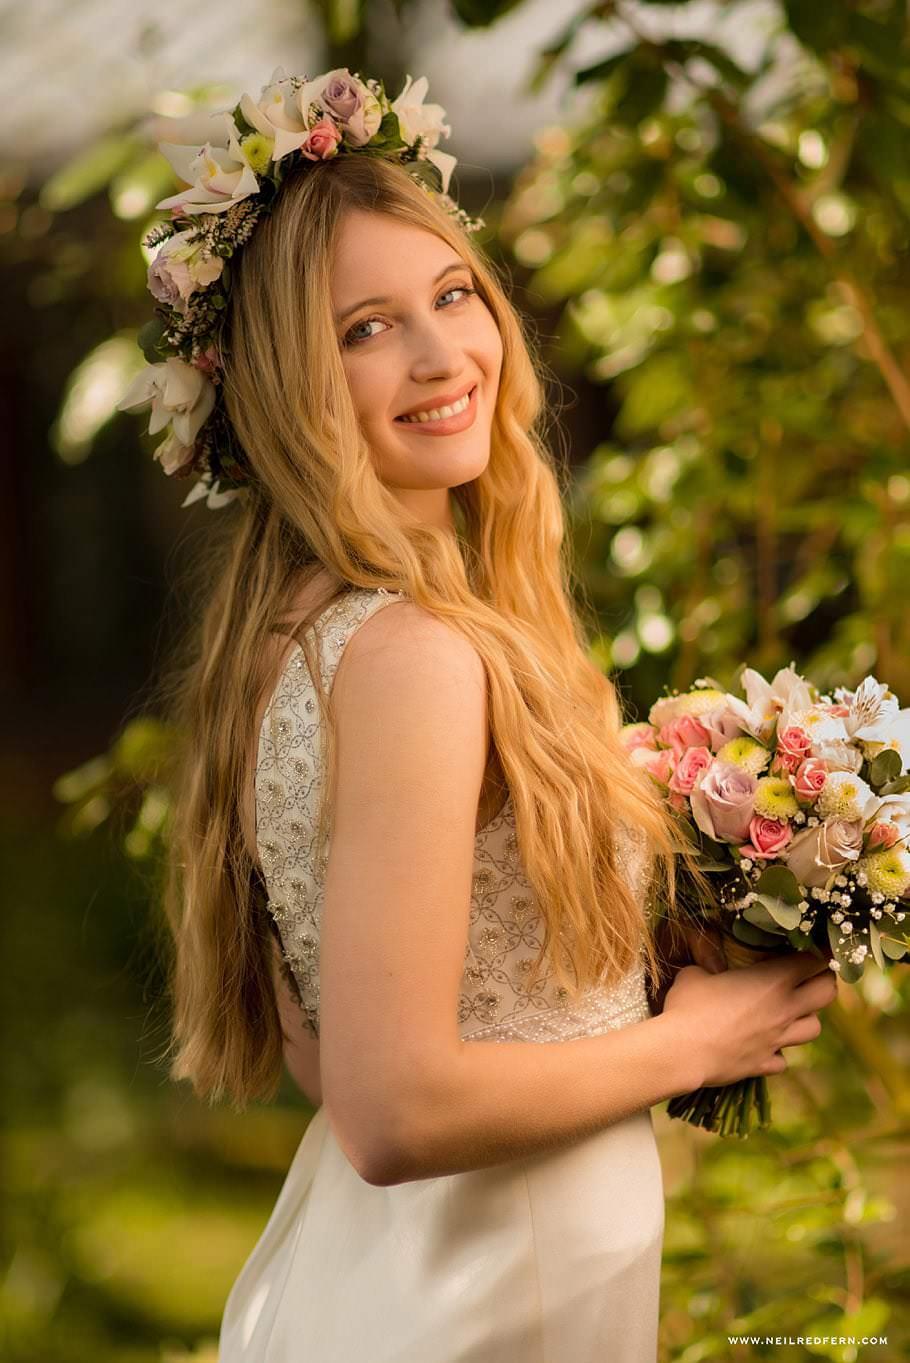 Bride wearing flower headdress